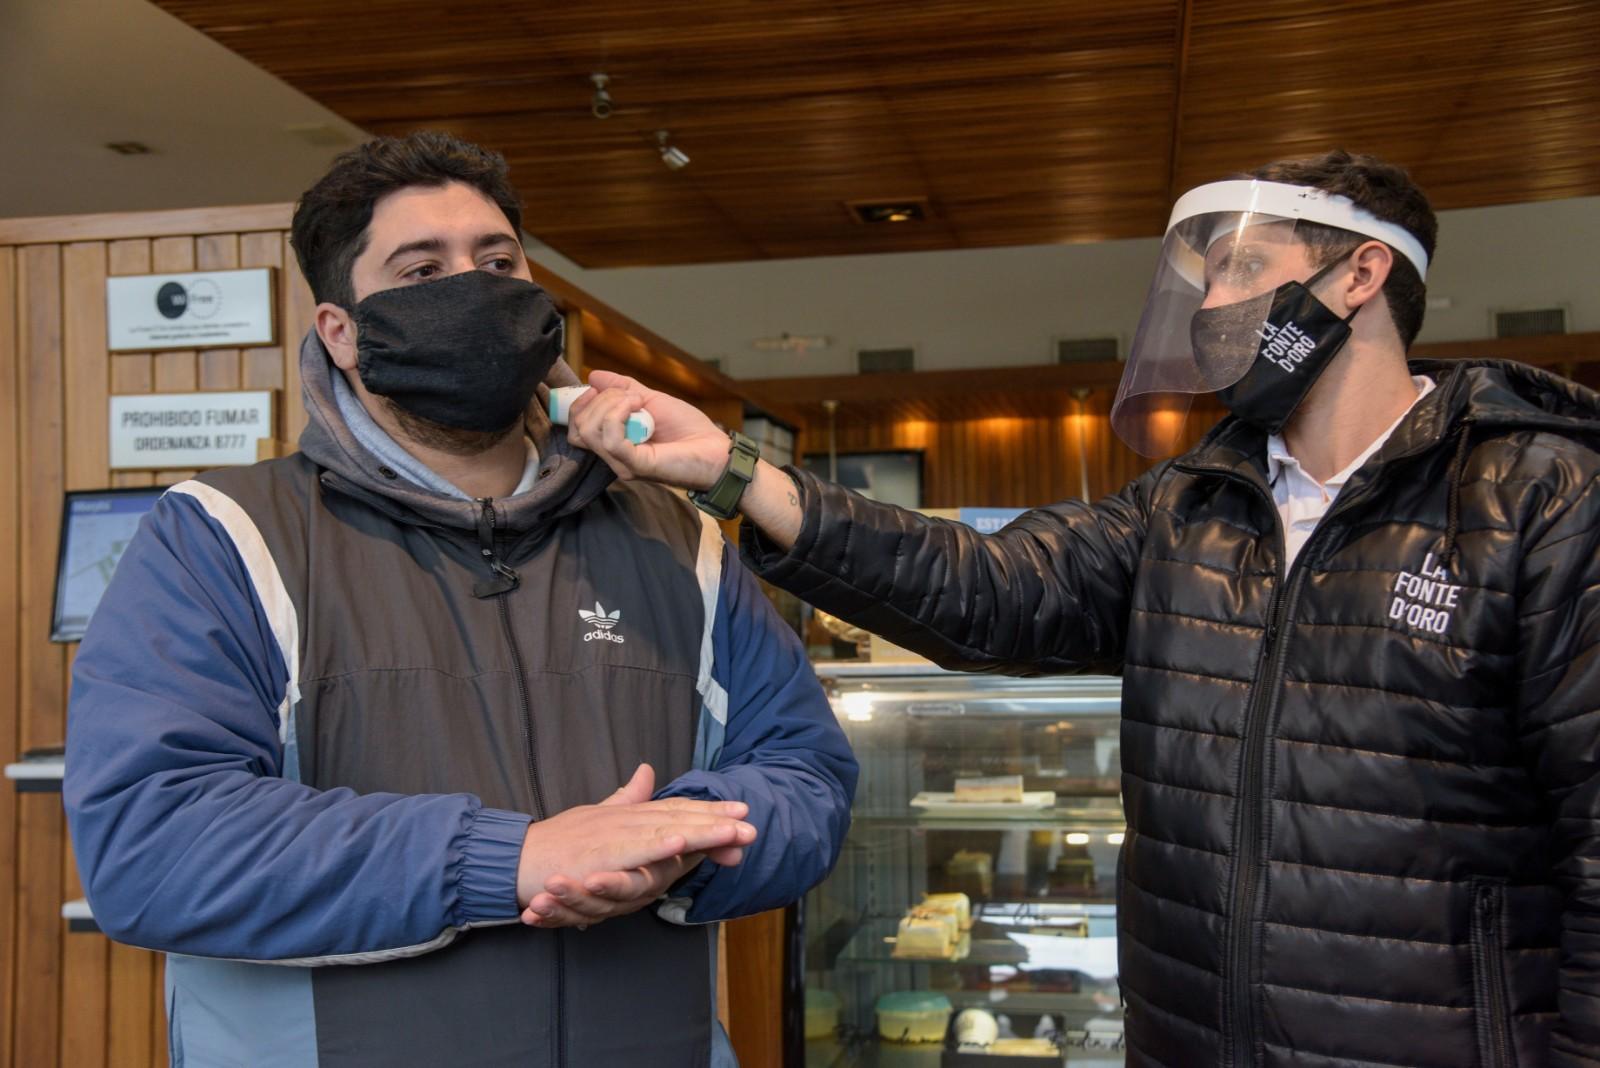 Barbijos, máscaras y termómetros. La nueva normalidad para la reapertura de bares y confiterías.